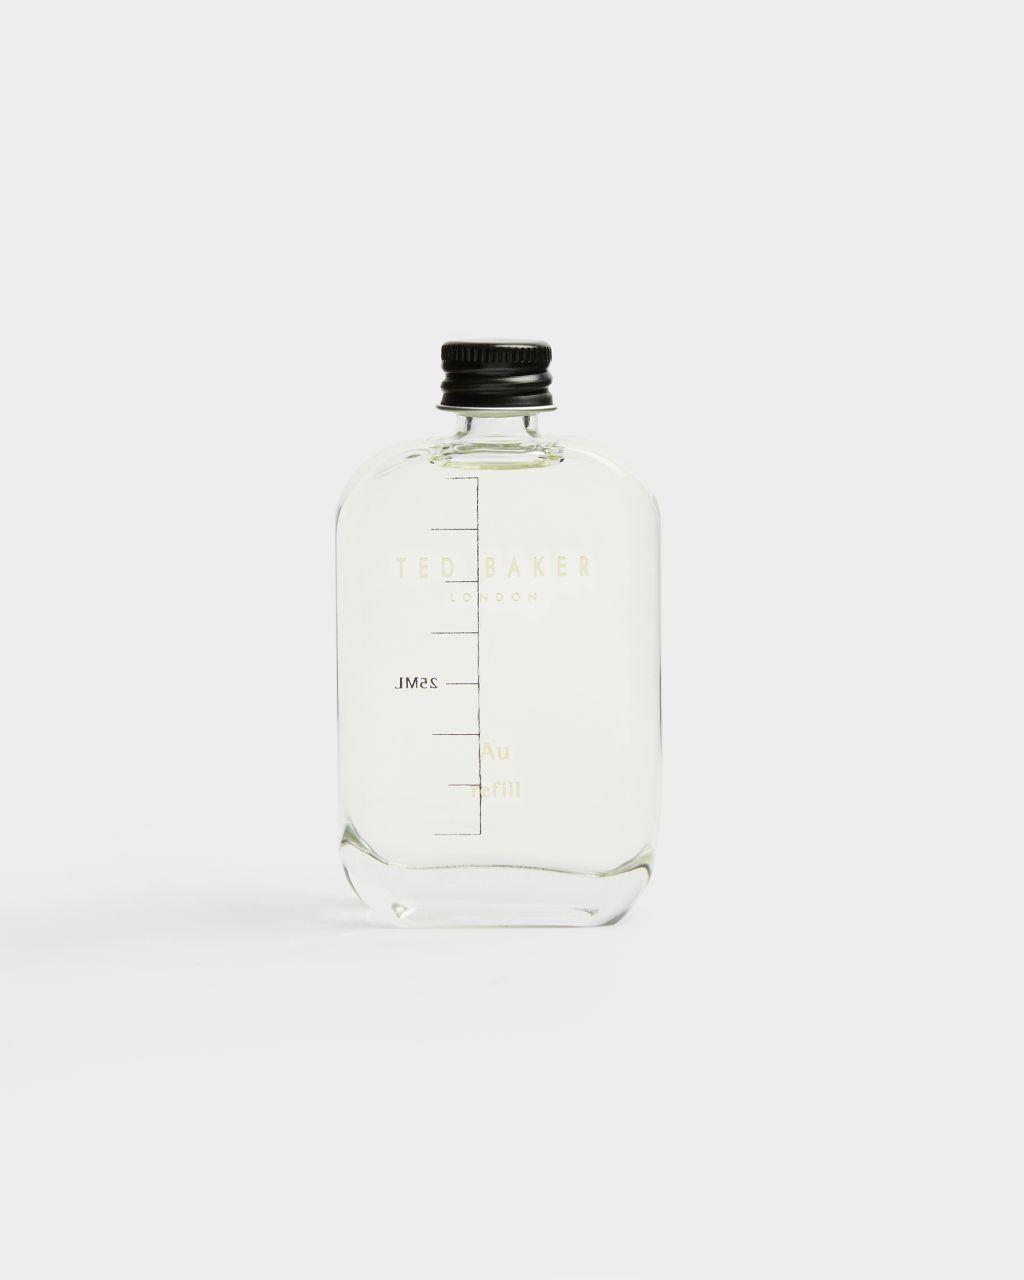 Ted Baker Travel Tonic Fragrance...